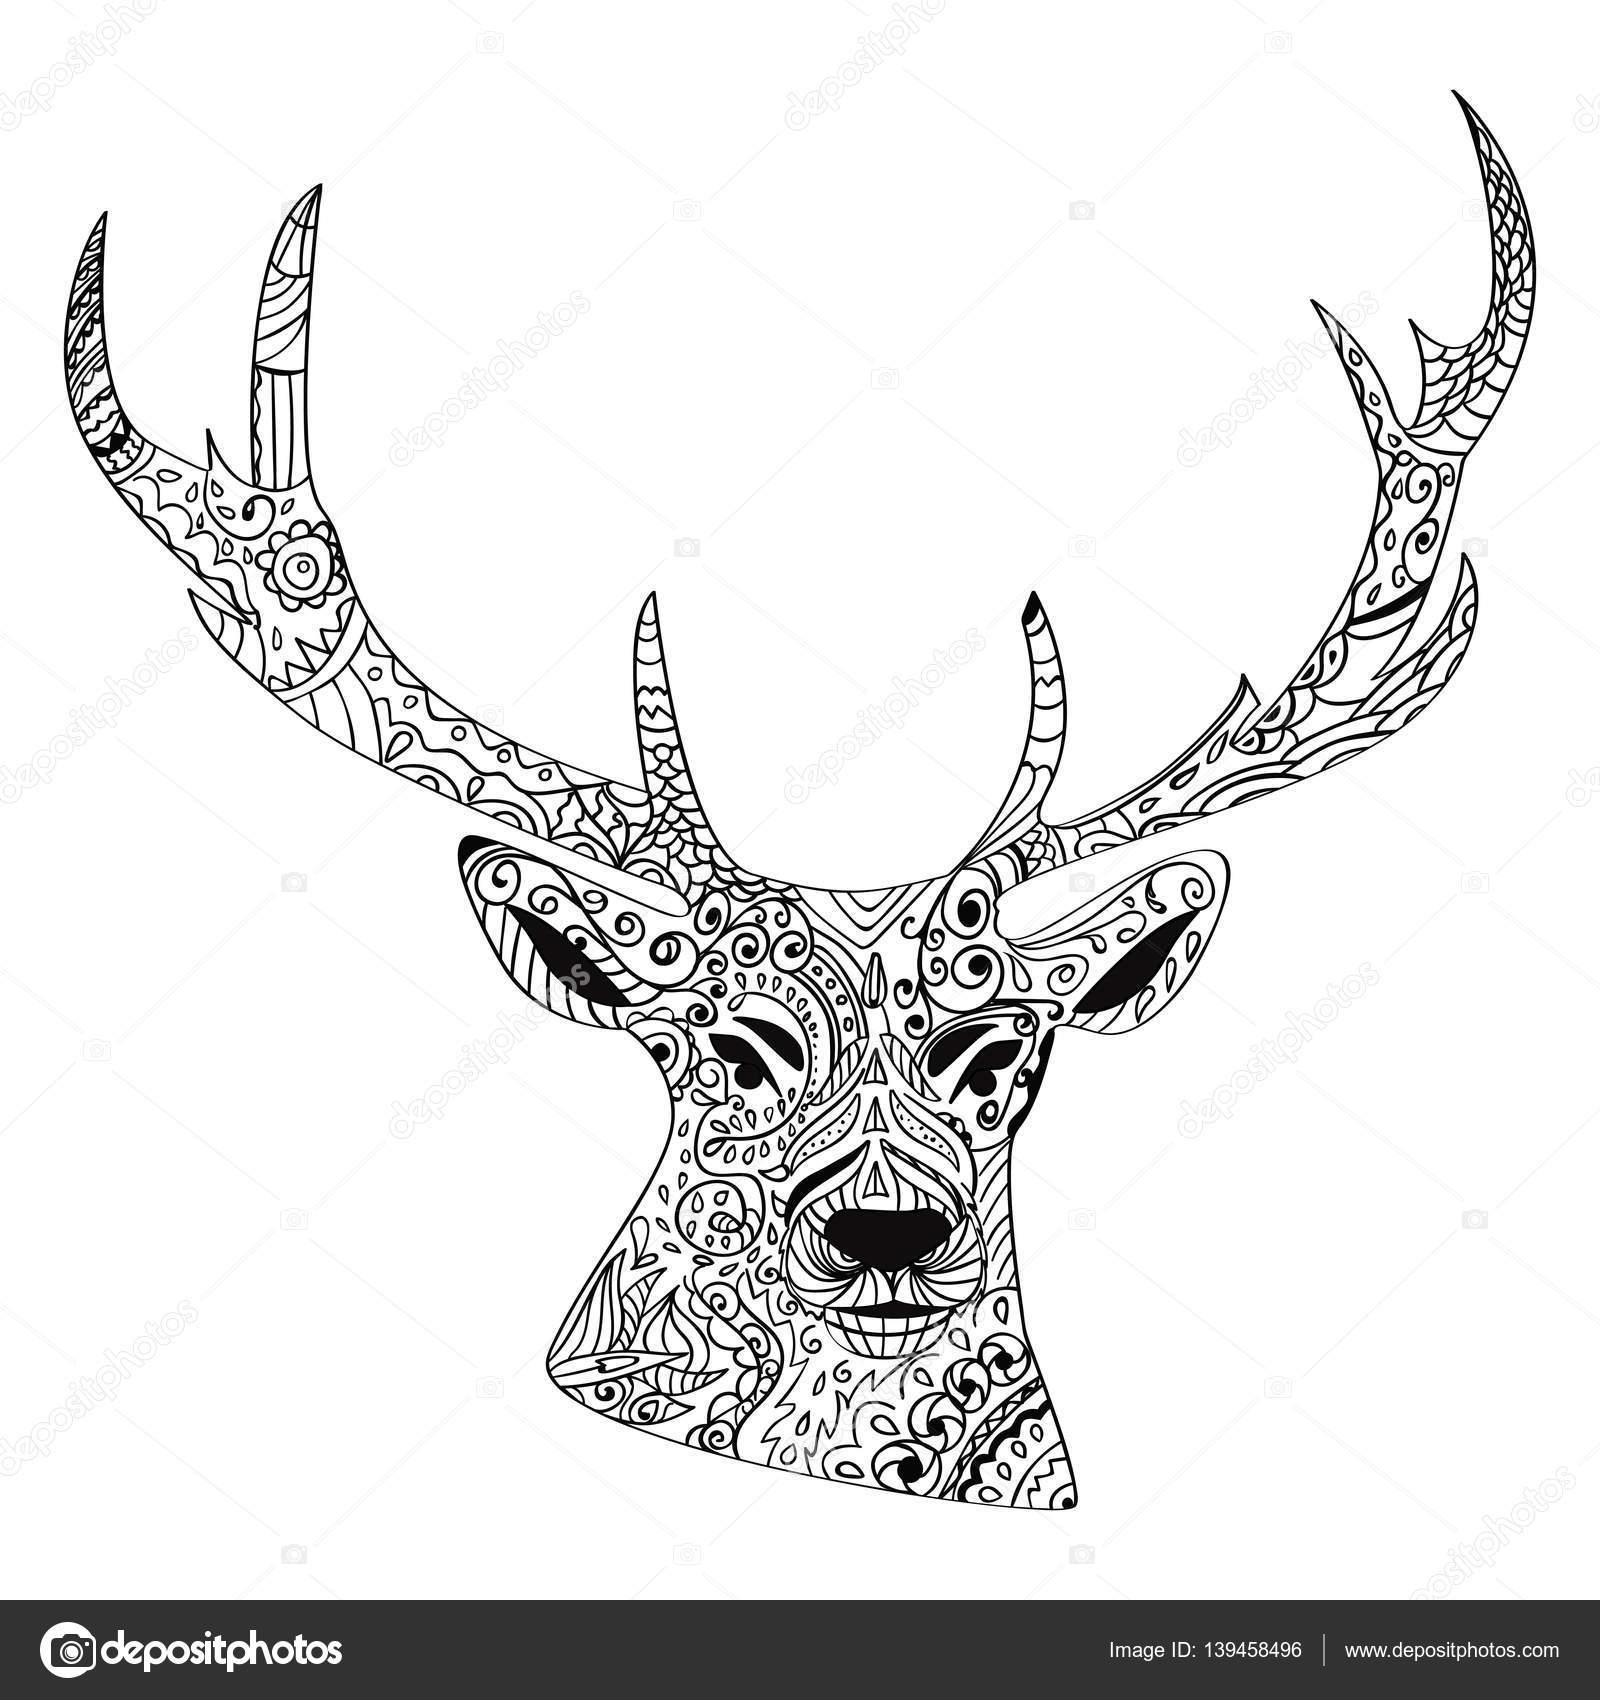 Strichzeichnungen Hand Zeichnung Schwarz Hirsch Isoliert Auf Weißem